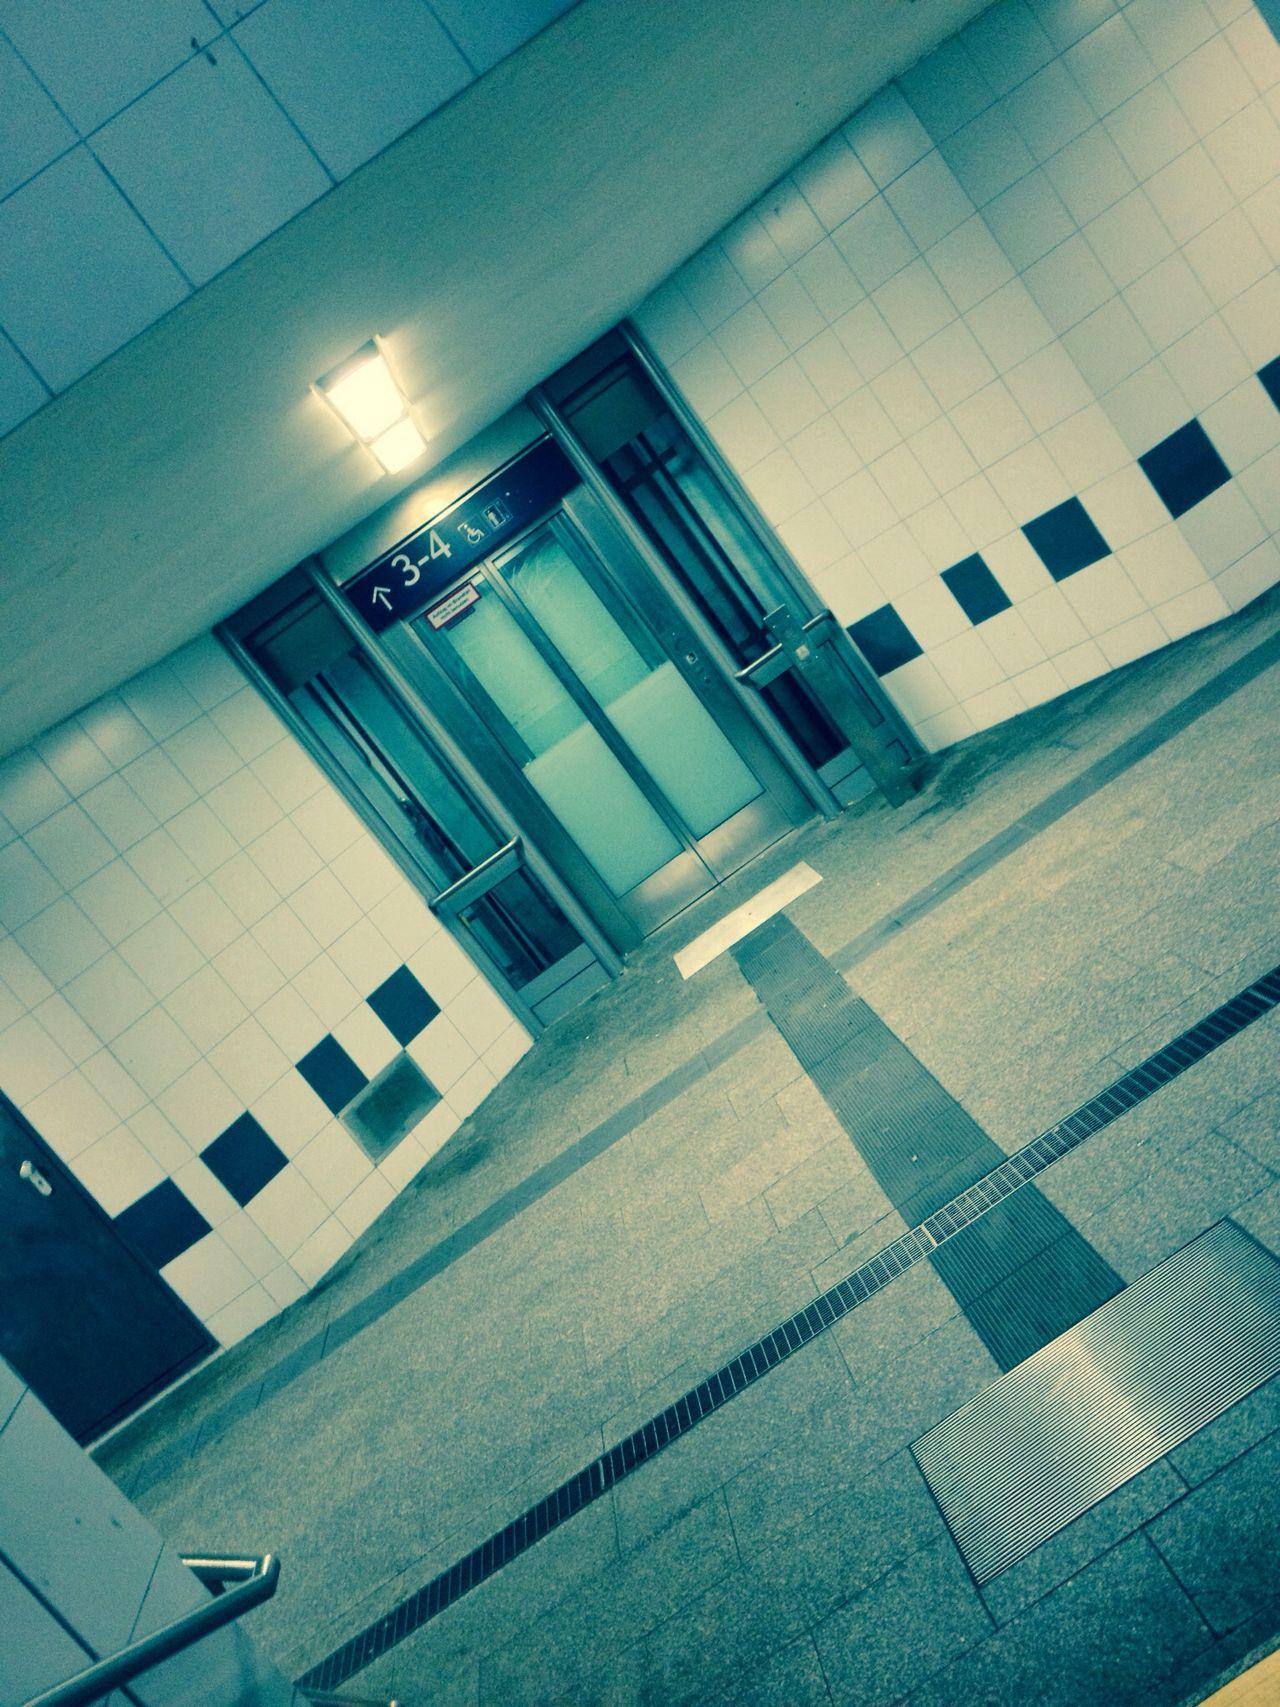 Tiles Concrete Subway